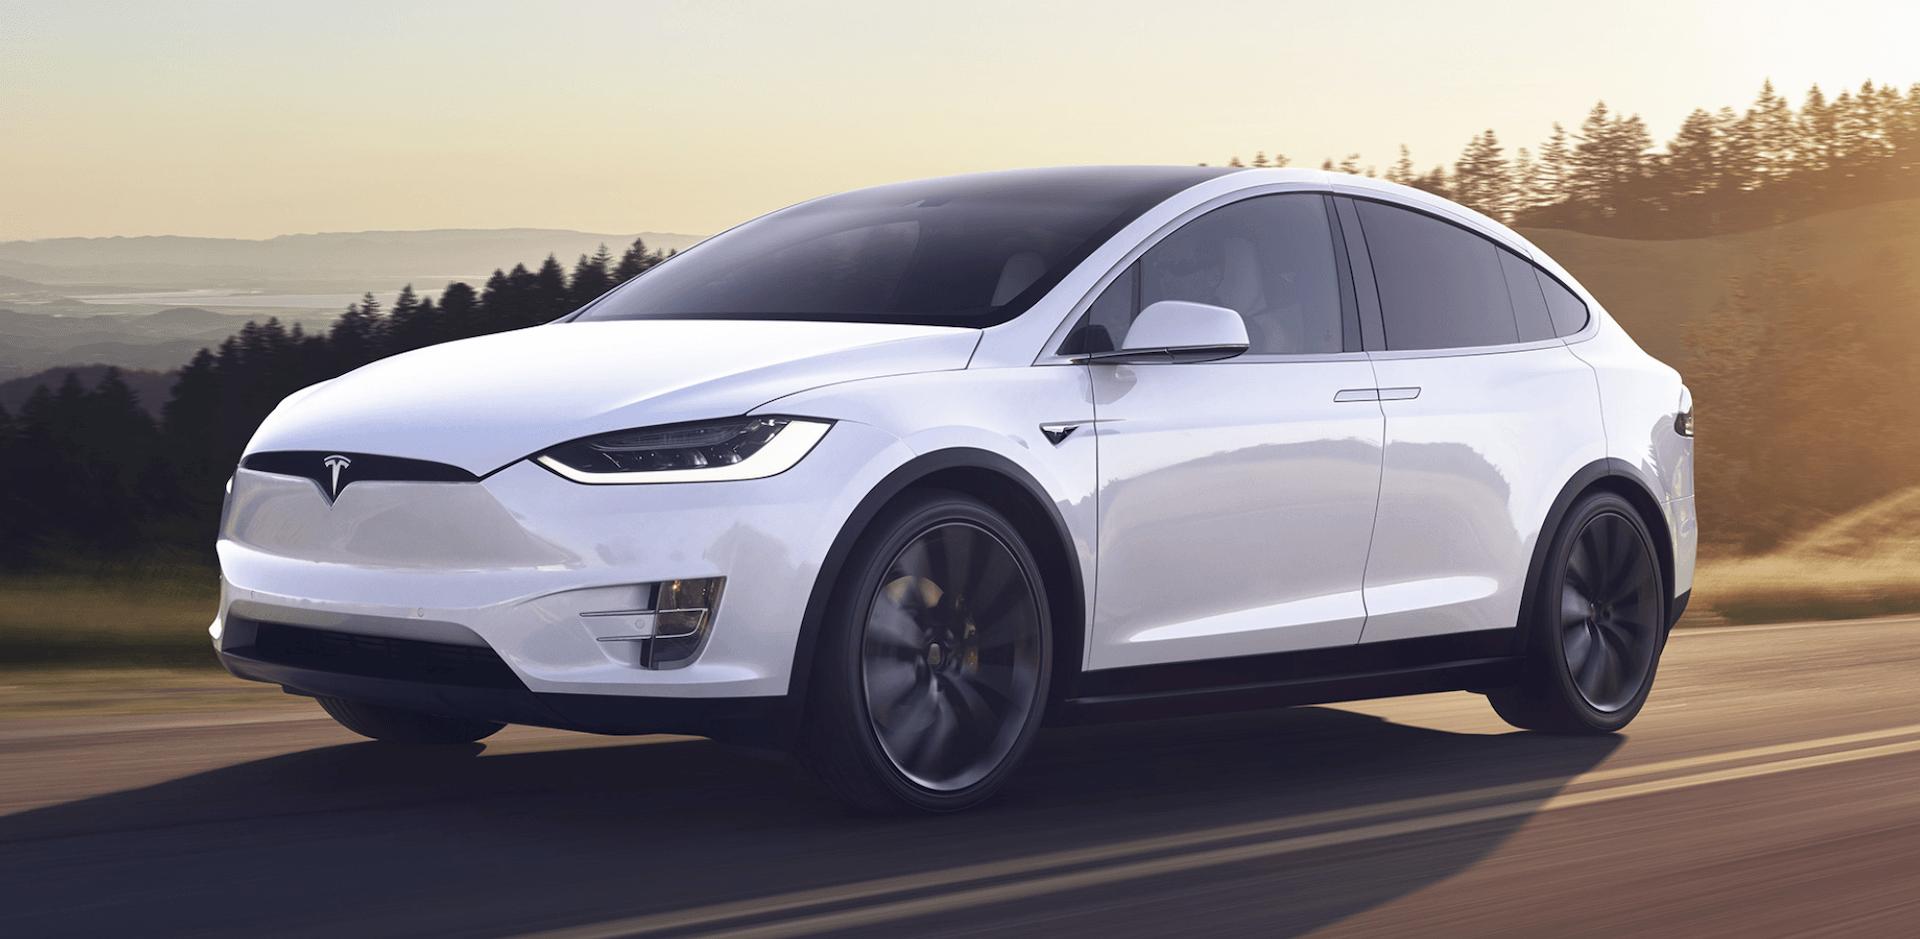 Comment un chercheur a réussi à pirater la clé électronique des Tesla Model X pour s'en emparer